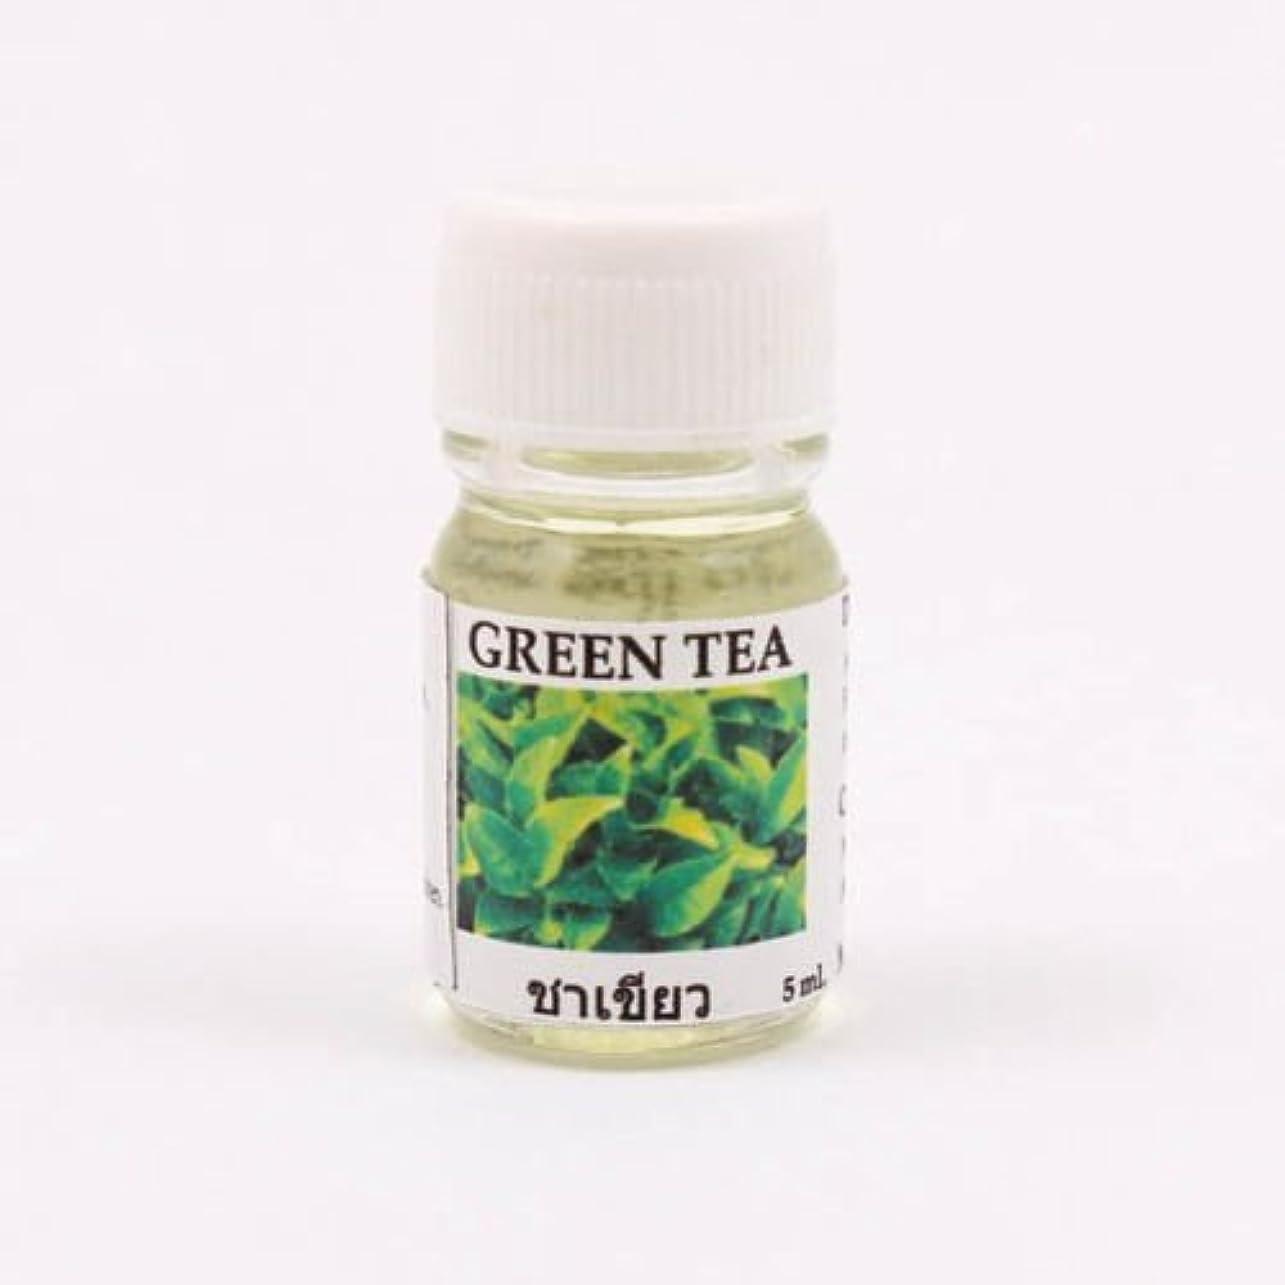 観点落胆した不承認6X Green Tea Aroma Fragrance Essential Oil 5ML cc Diffuser Burner Therapy